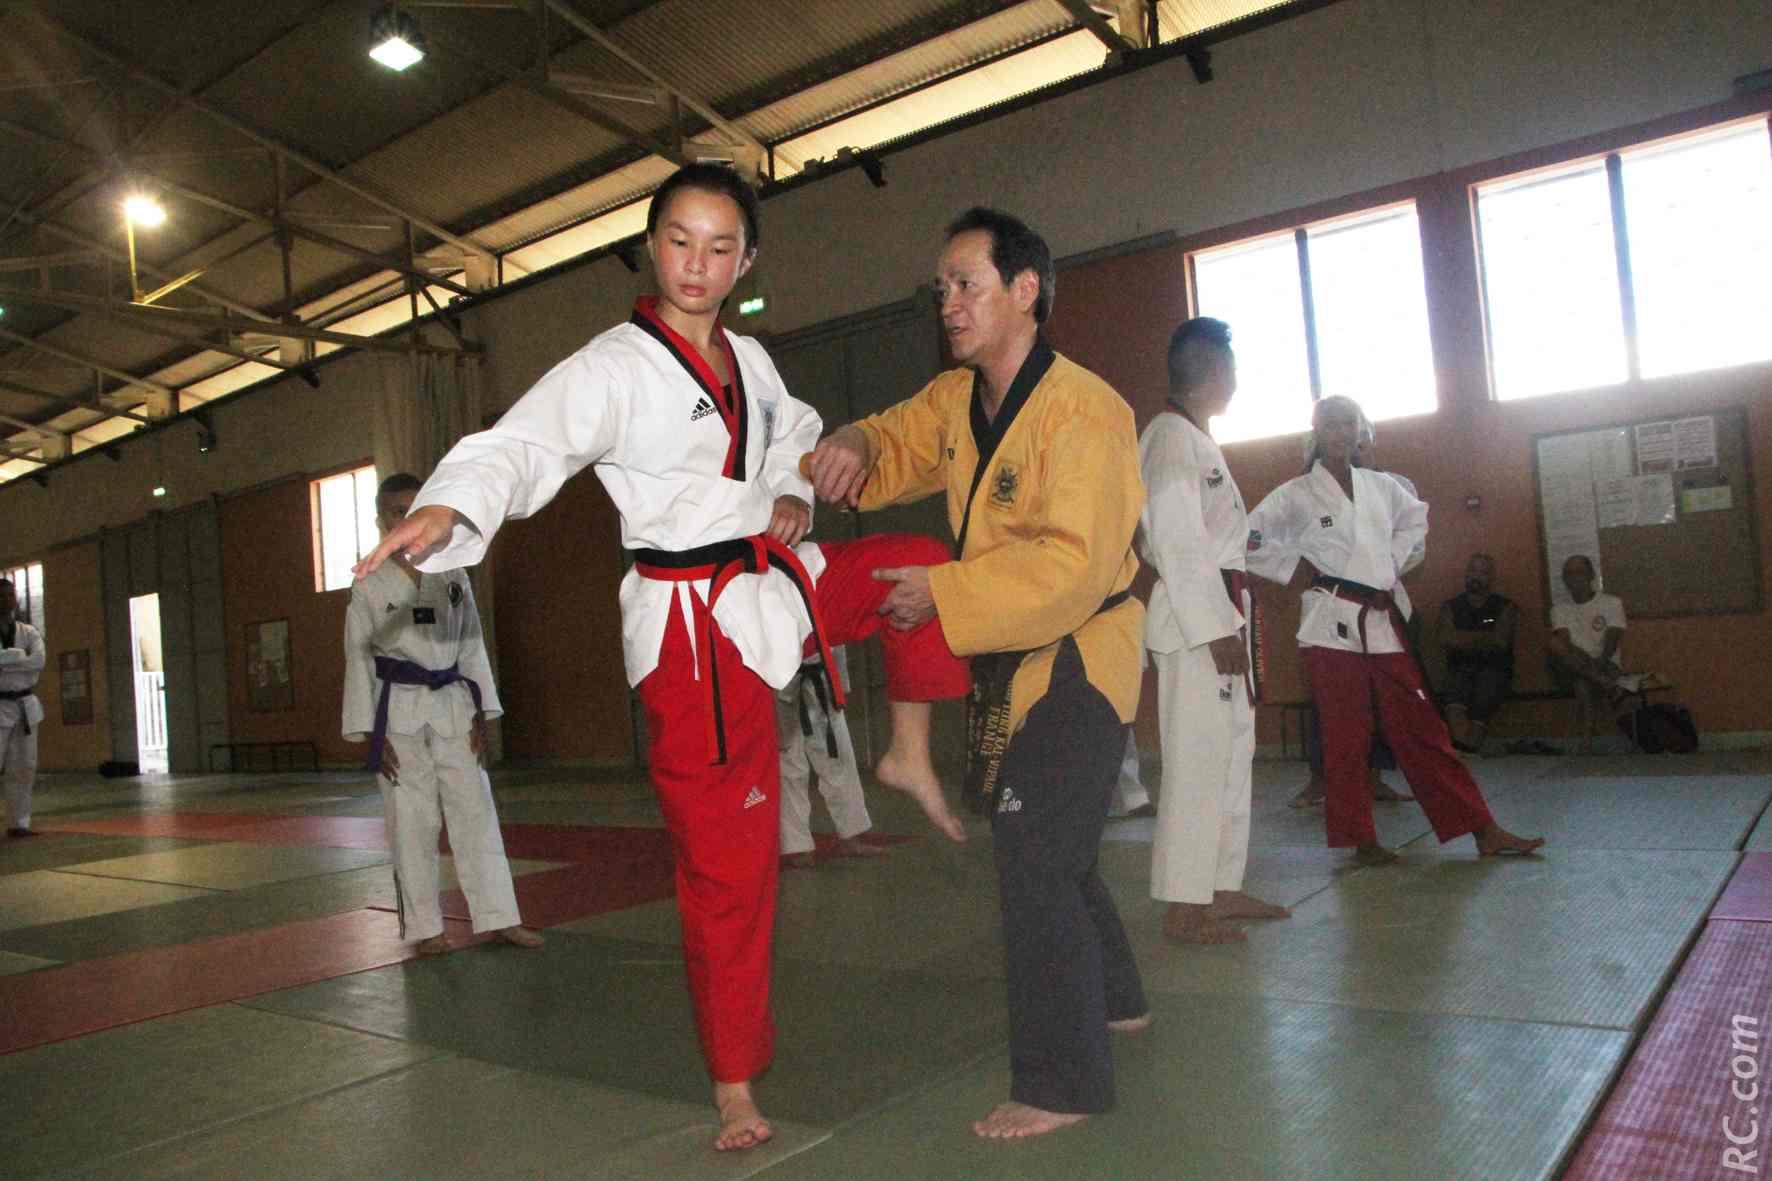 Les précieux conseils de Maître Vipaul Huo Young à Emmanuelle Ah-Pine